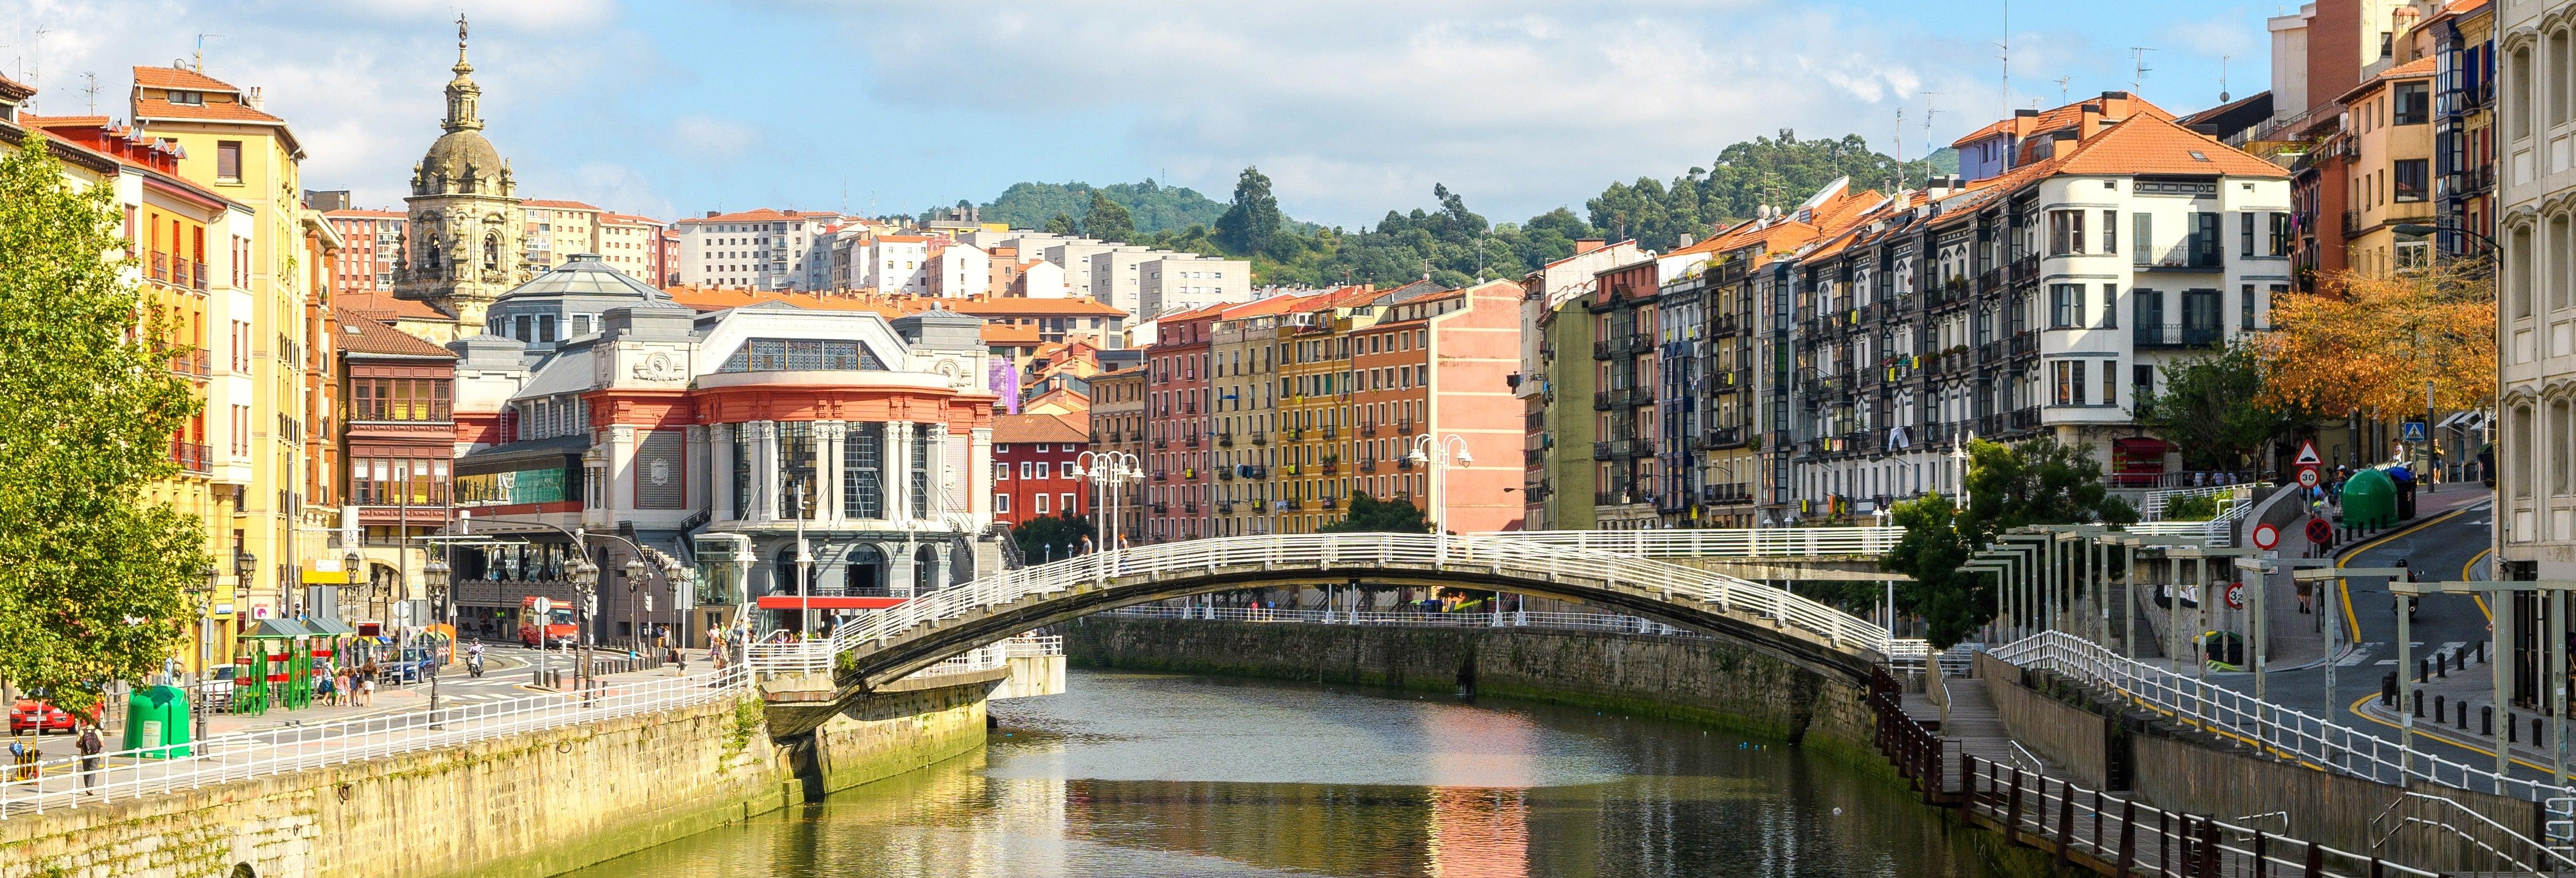 Tour pelo centro antigo de Bilbao + Funicular de Artxanda